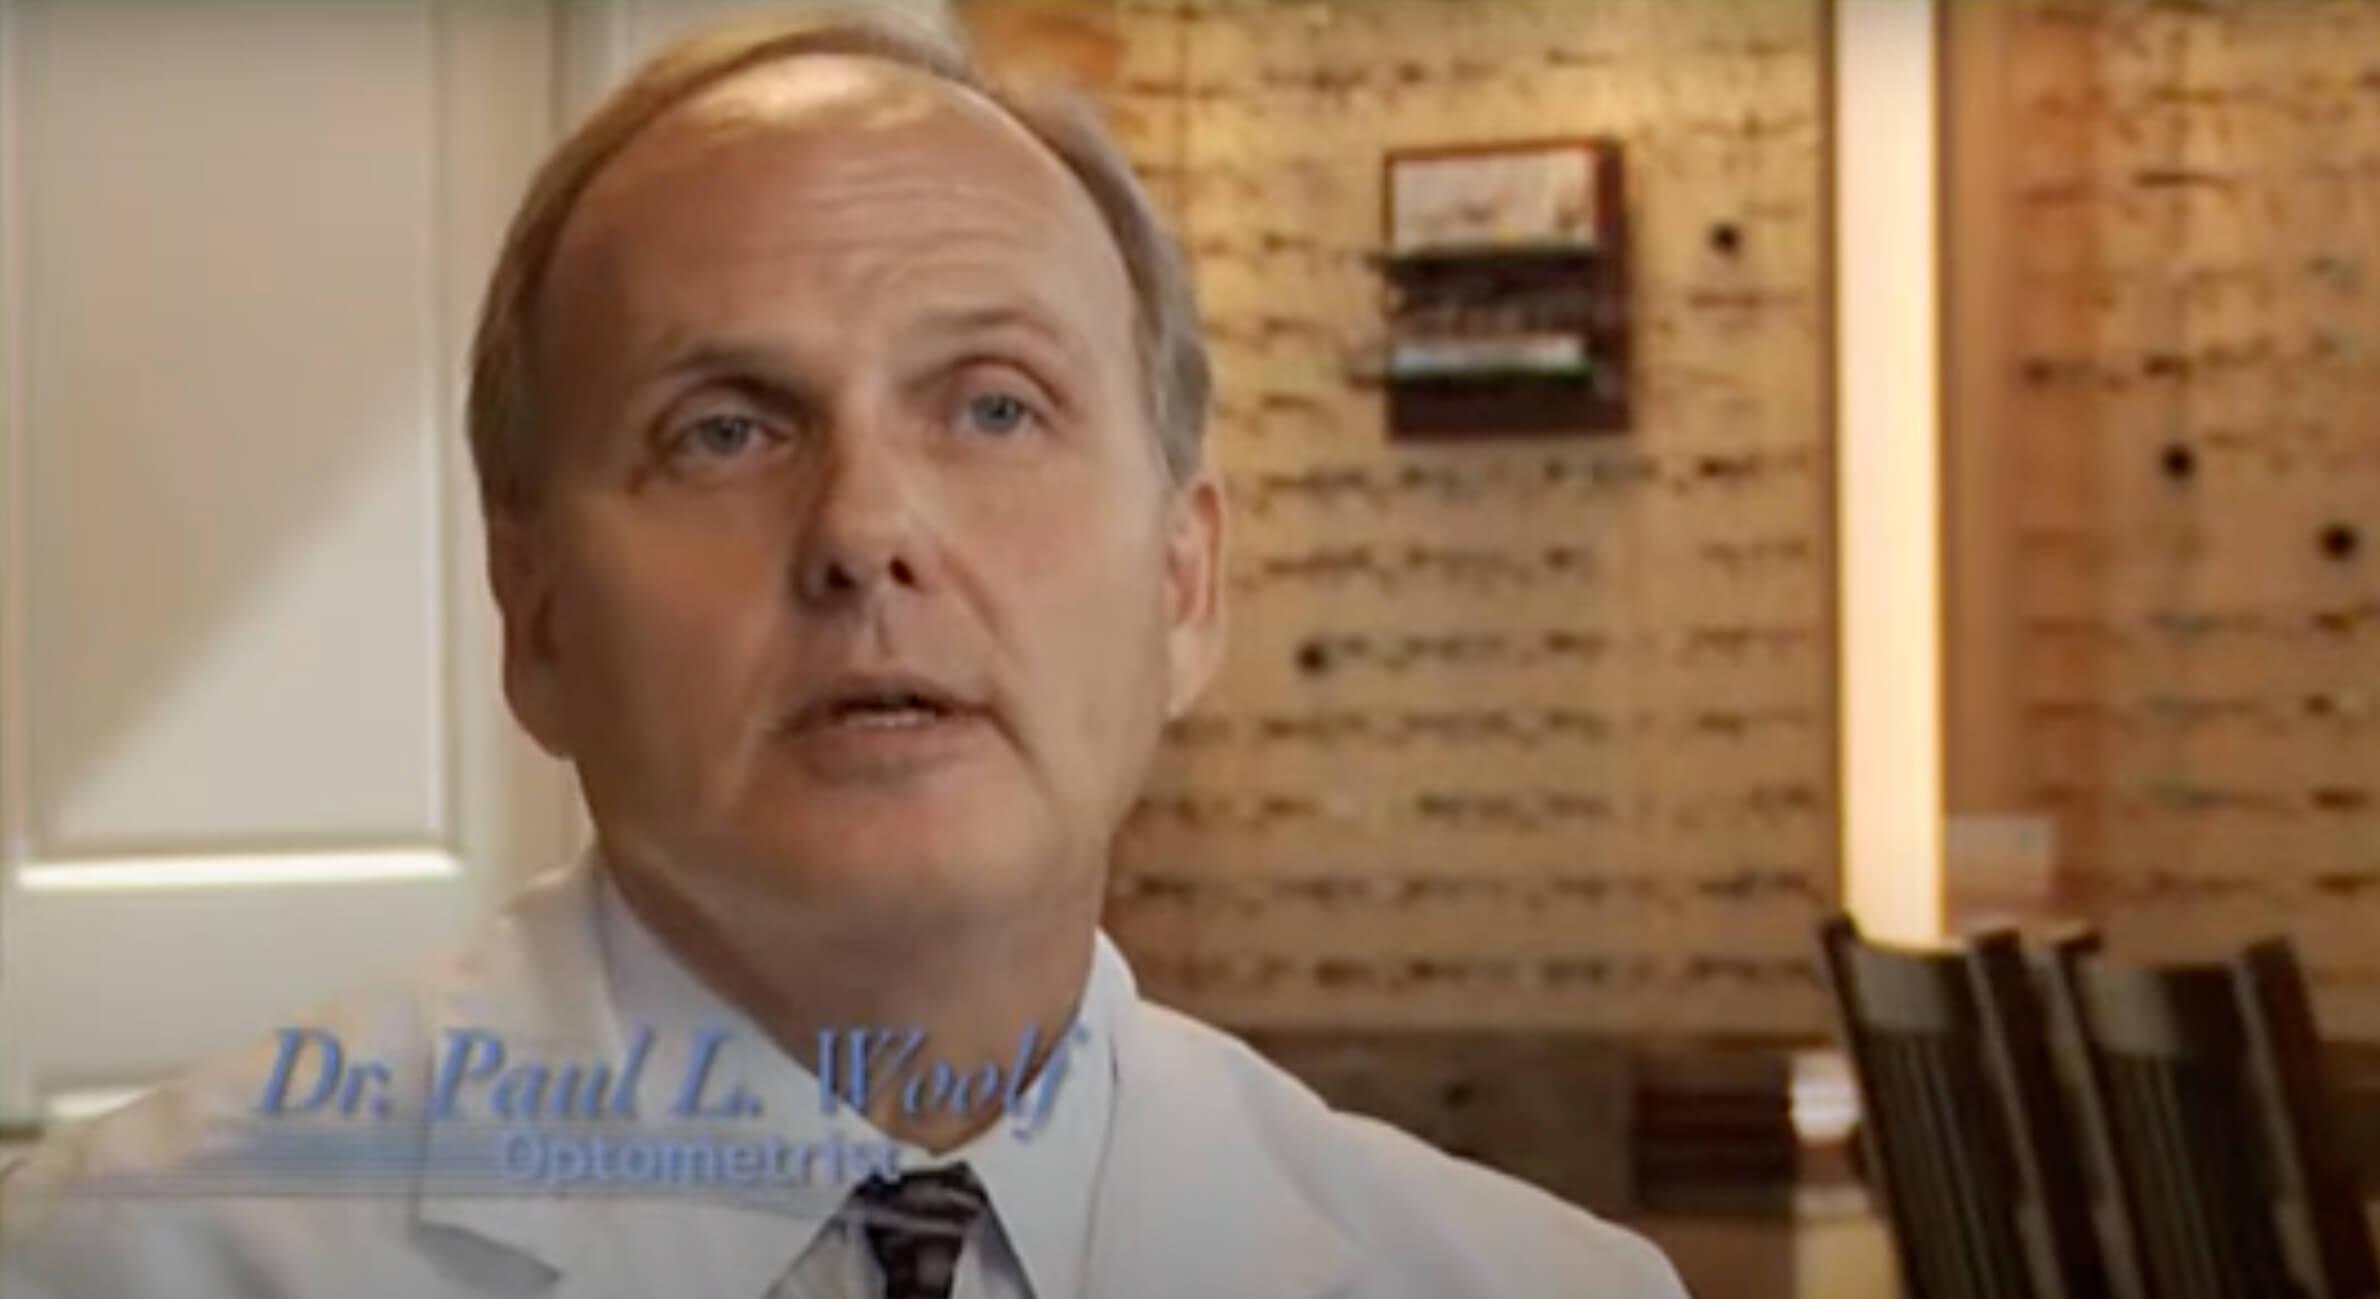 dr woolf eye exam